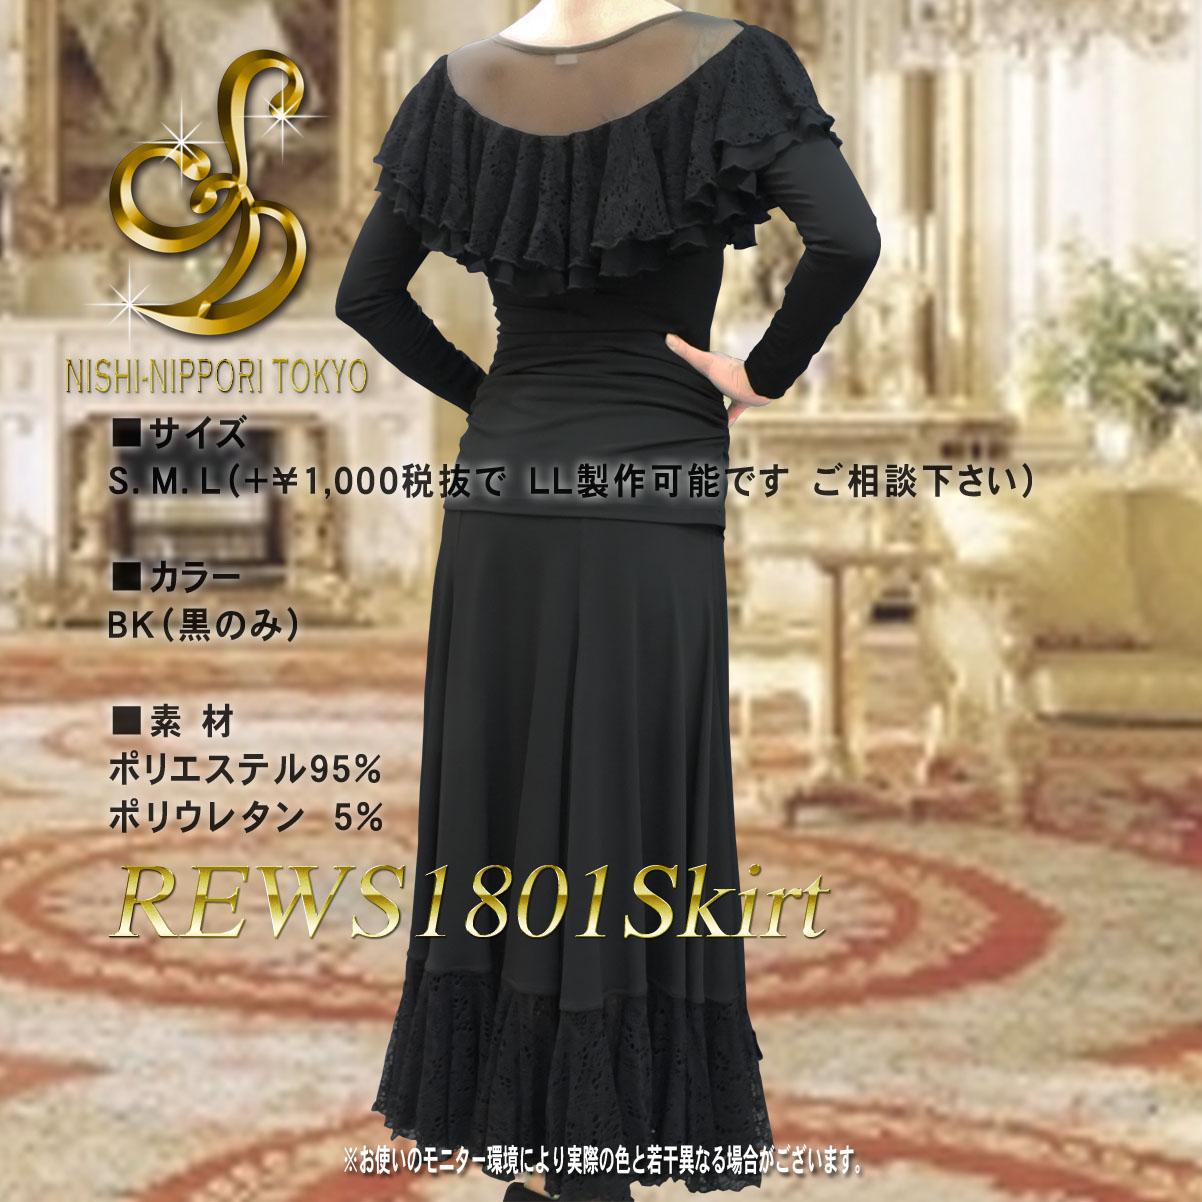 REWS1801 スカート BK(黒のみ)04